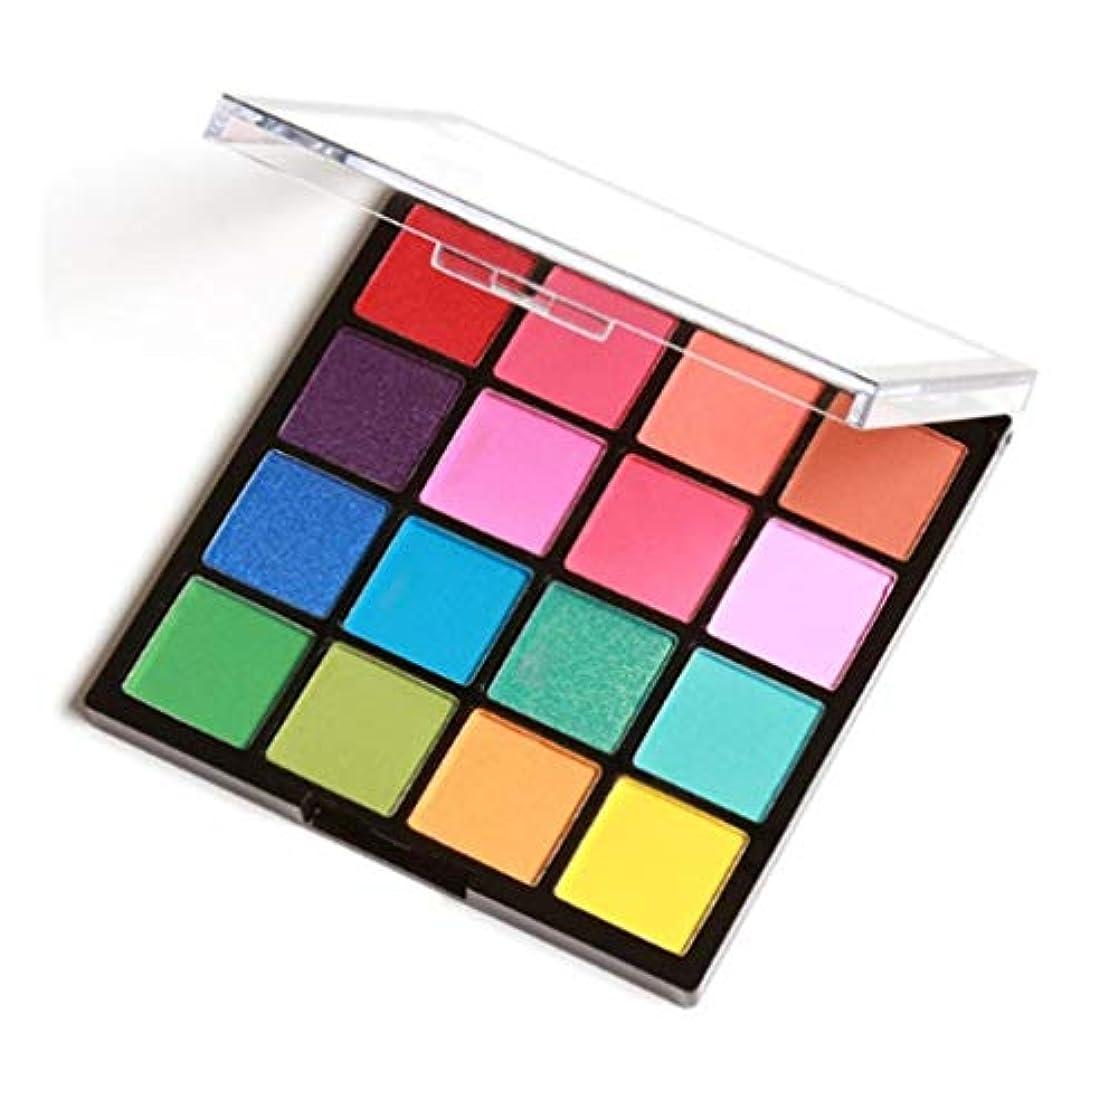 極小逆説傾斜16色/ SET女子プロアイメイクアップ化粧品パウダー防水ロングラスティングスモーキーアイシャドウパレットメイクアップセット